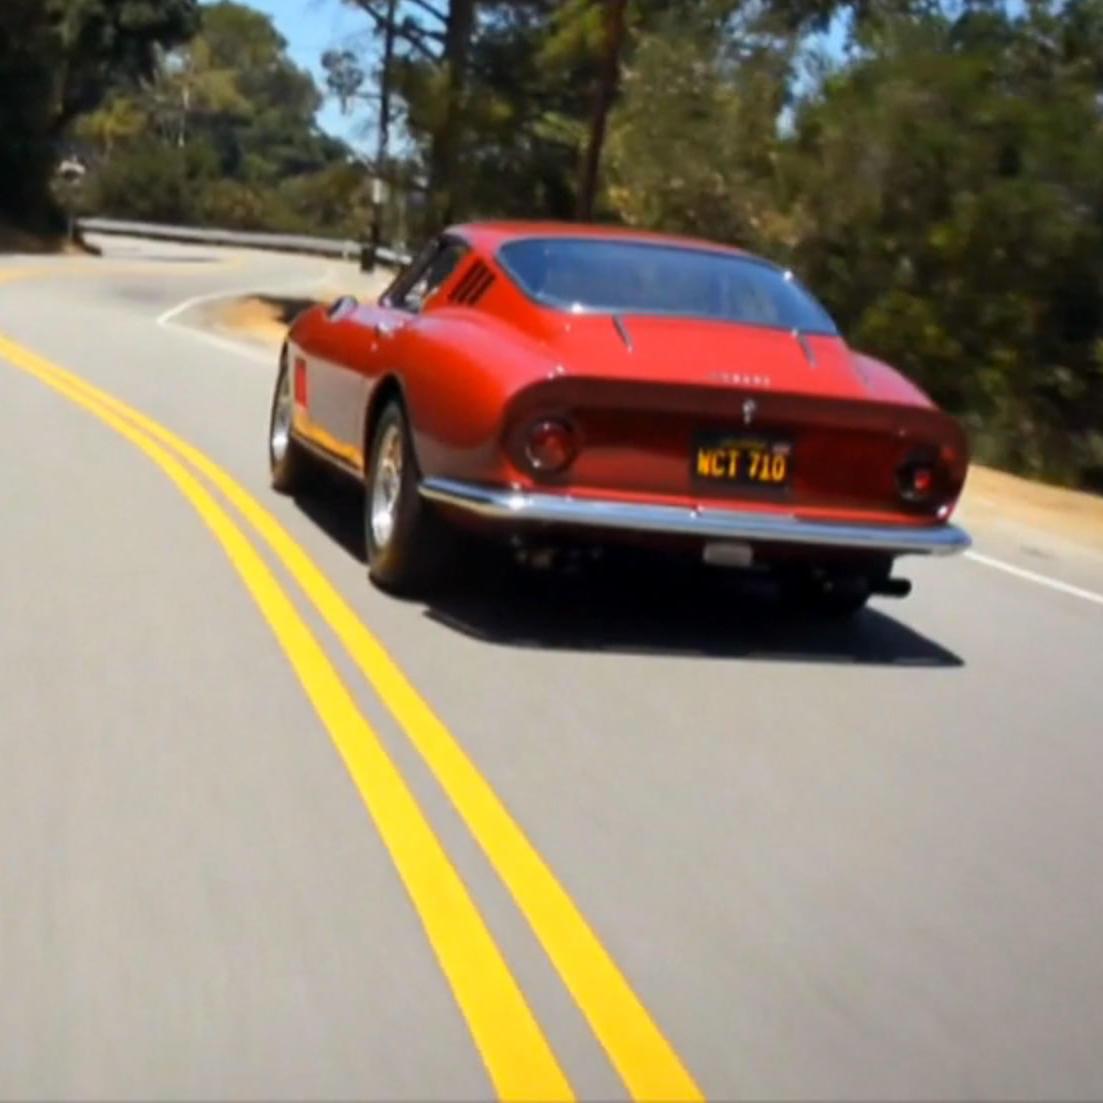 Rock Star Good: McQueen's '67 Ferrari